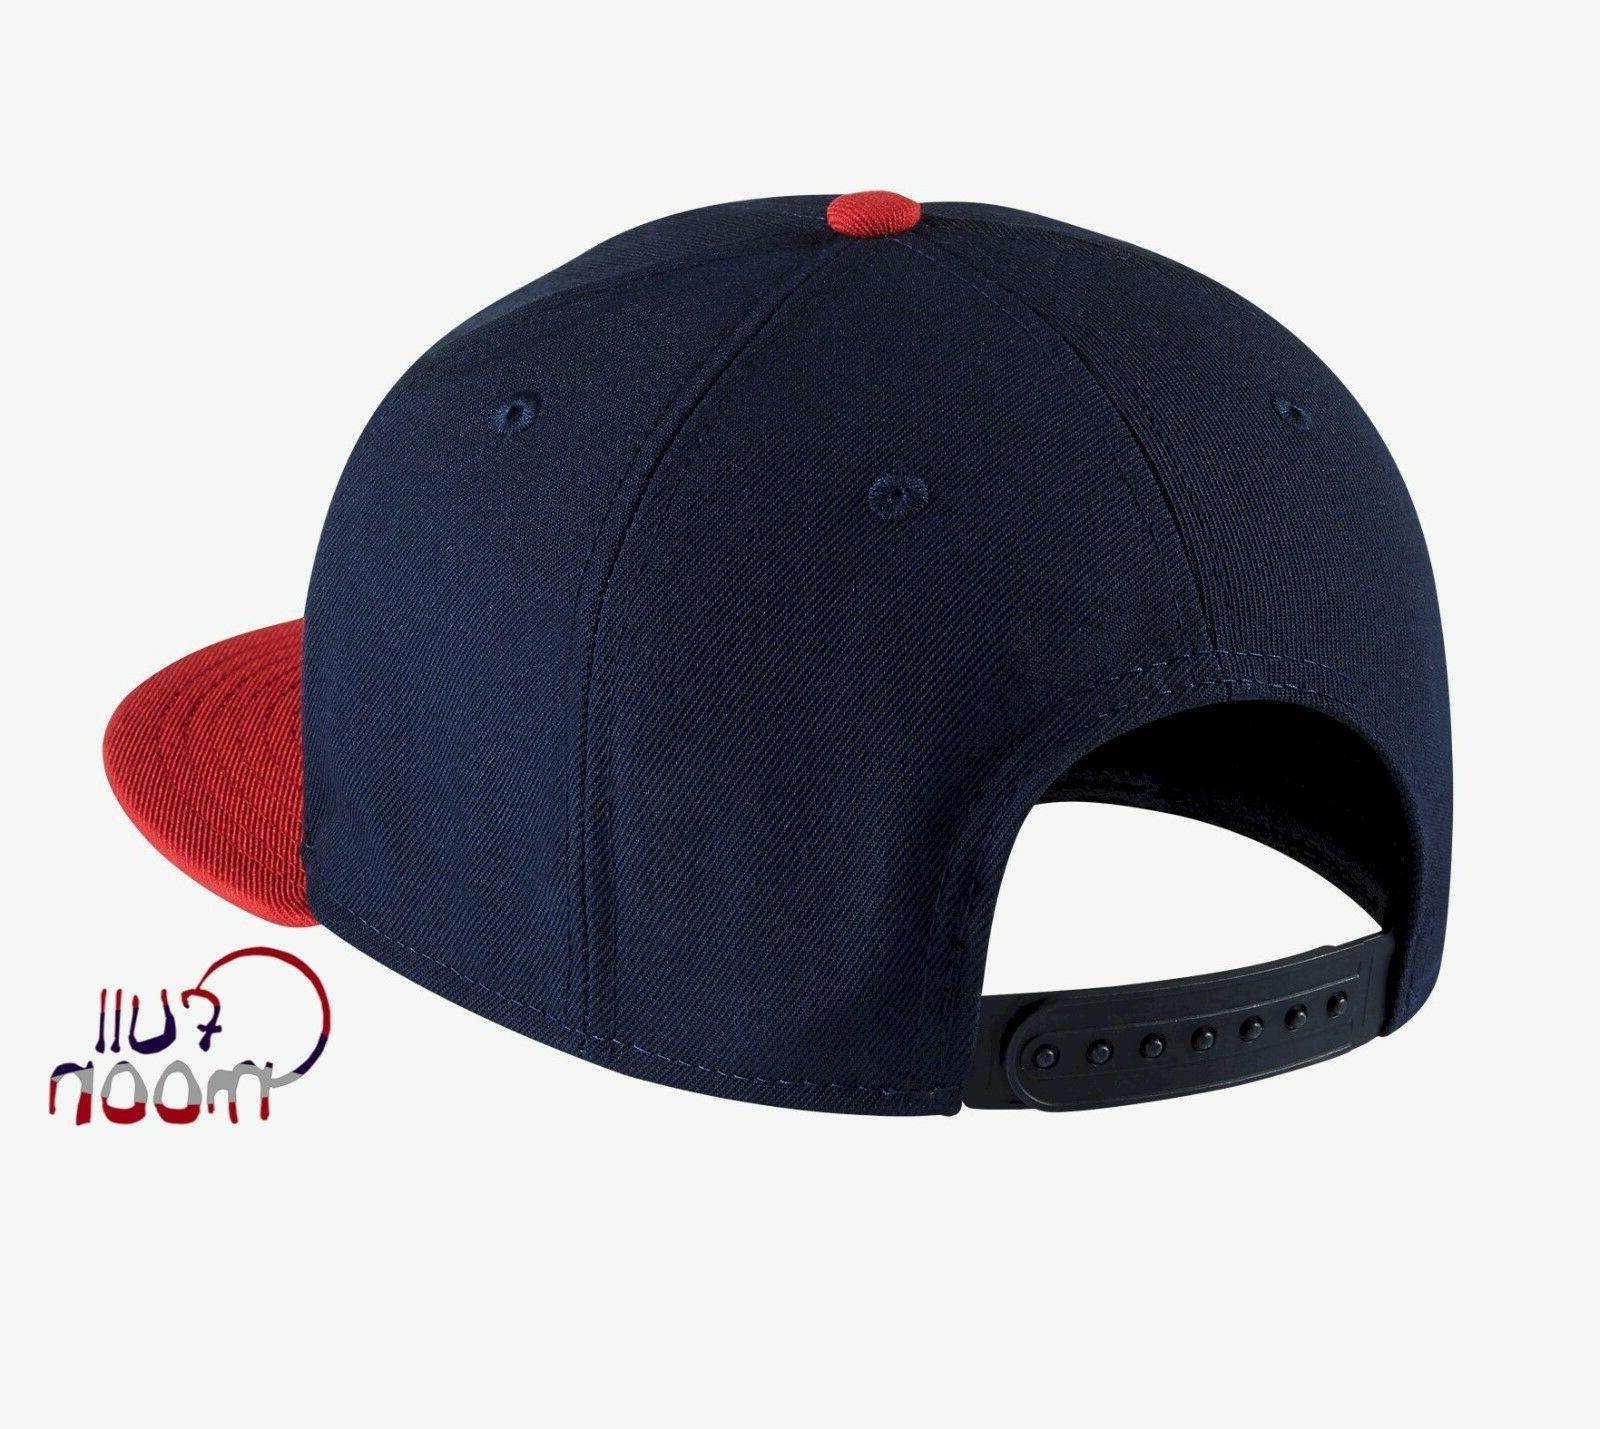 New Houston Nike Everyday True Snapback Hat